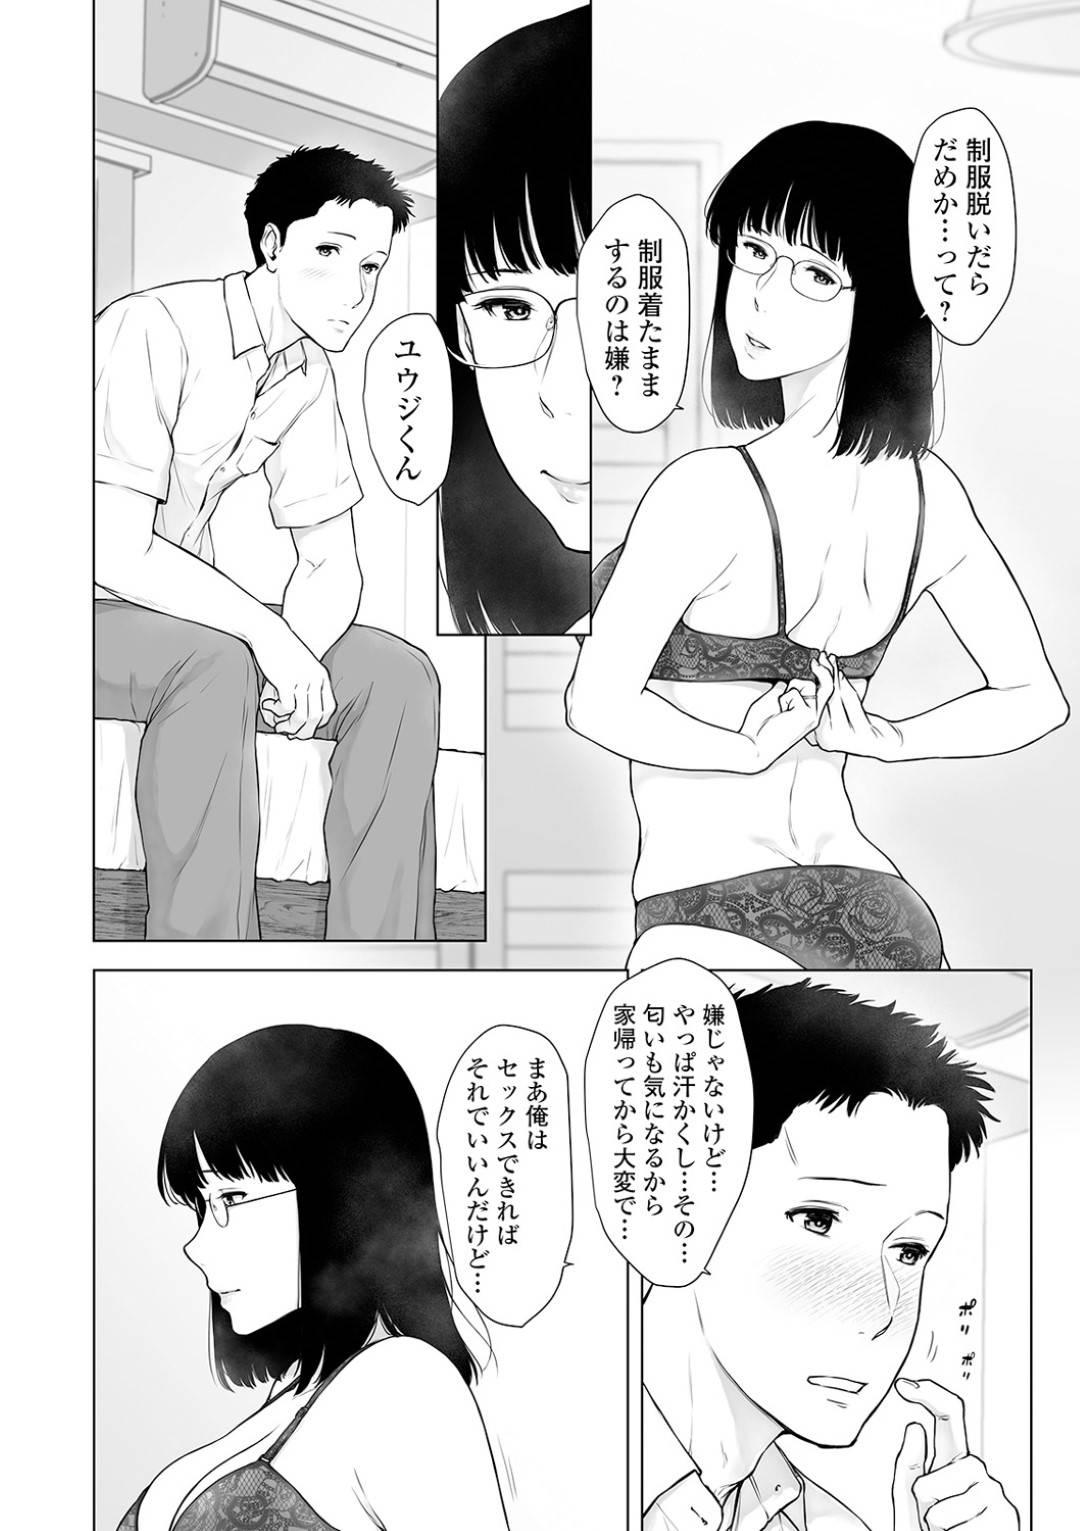 【エロ漫画】娘の連れてきた彼氏に欲情した熟女母…彼女は娘がいない間に彼氏を押し倒してセックスしてしまう。それ以降二人は身体の関係を持つようになり、更には娘も交えてセックスするように。【ガミガミ:熱情フレーバー】